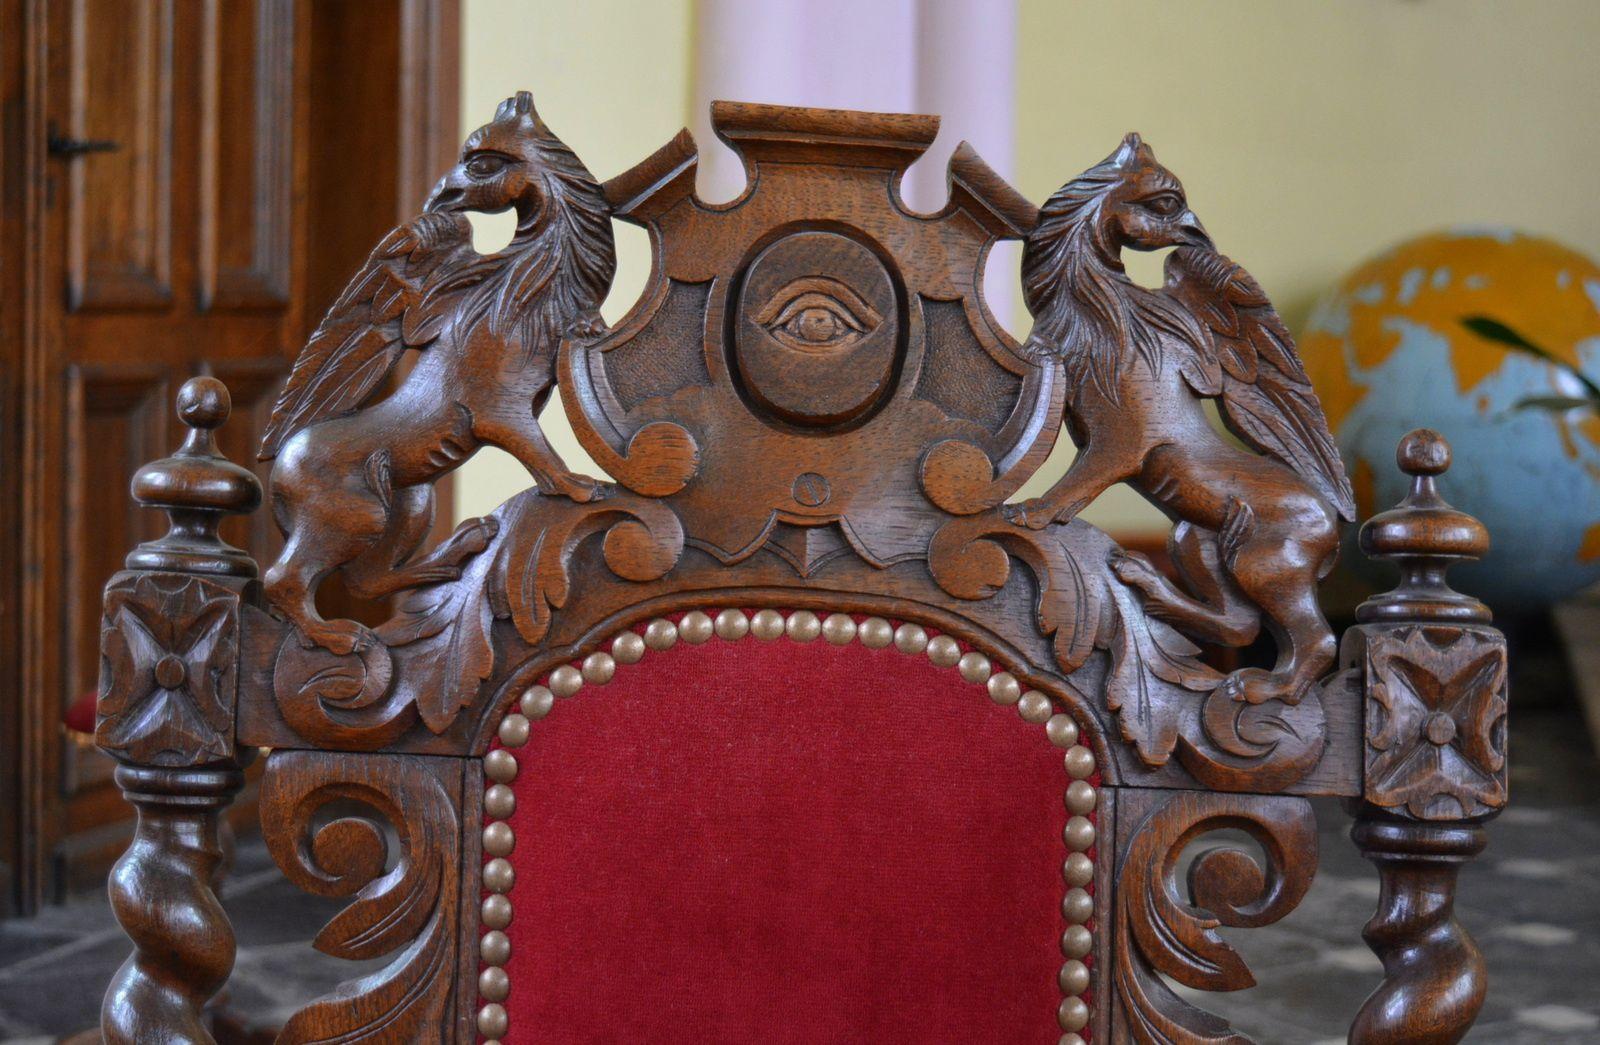 """Détail symbolique du dossier de l'ancien fauteuil du Vénérable Maître de la """"R. L. Les Trois Colonnes des Hauts de France"""" se trouvant aujourd'hui dans le choeur de l'église Saint-Martin d'Aniche. Photo : MG - 28 juillet 2015."""